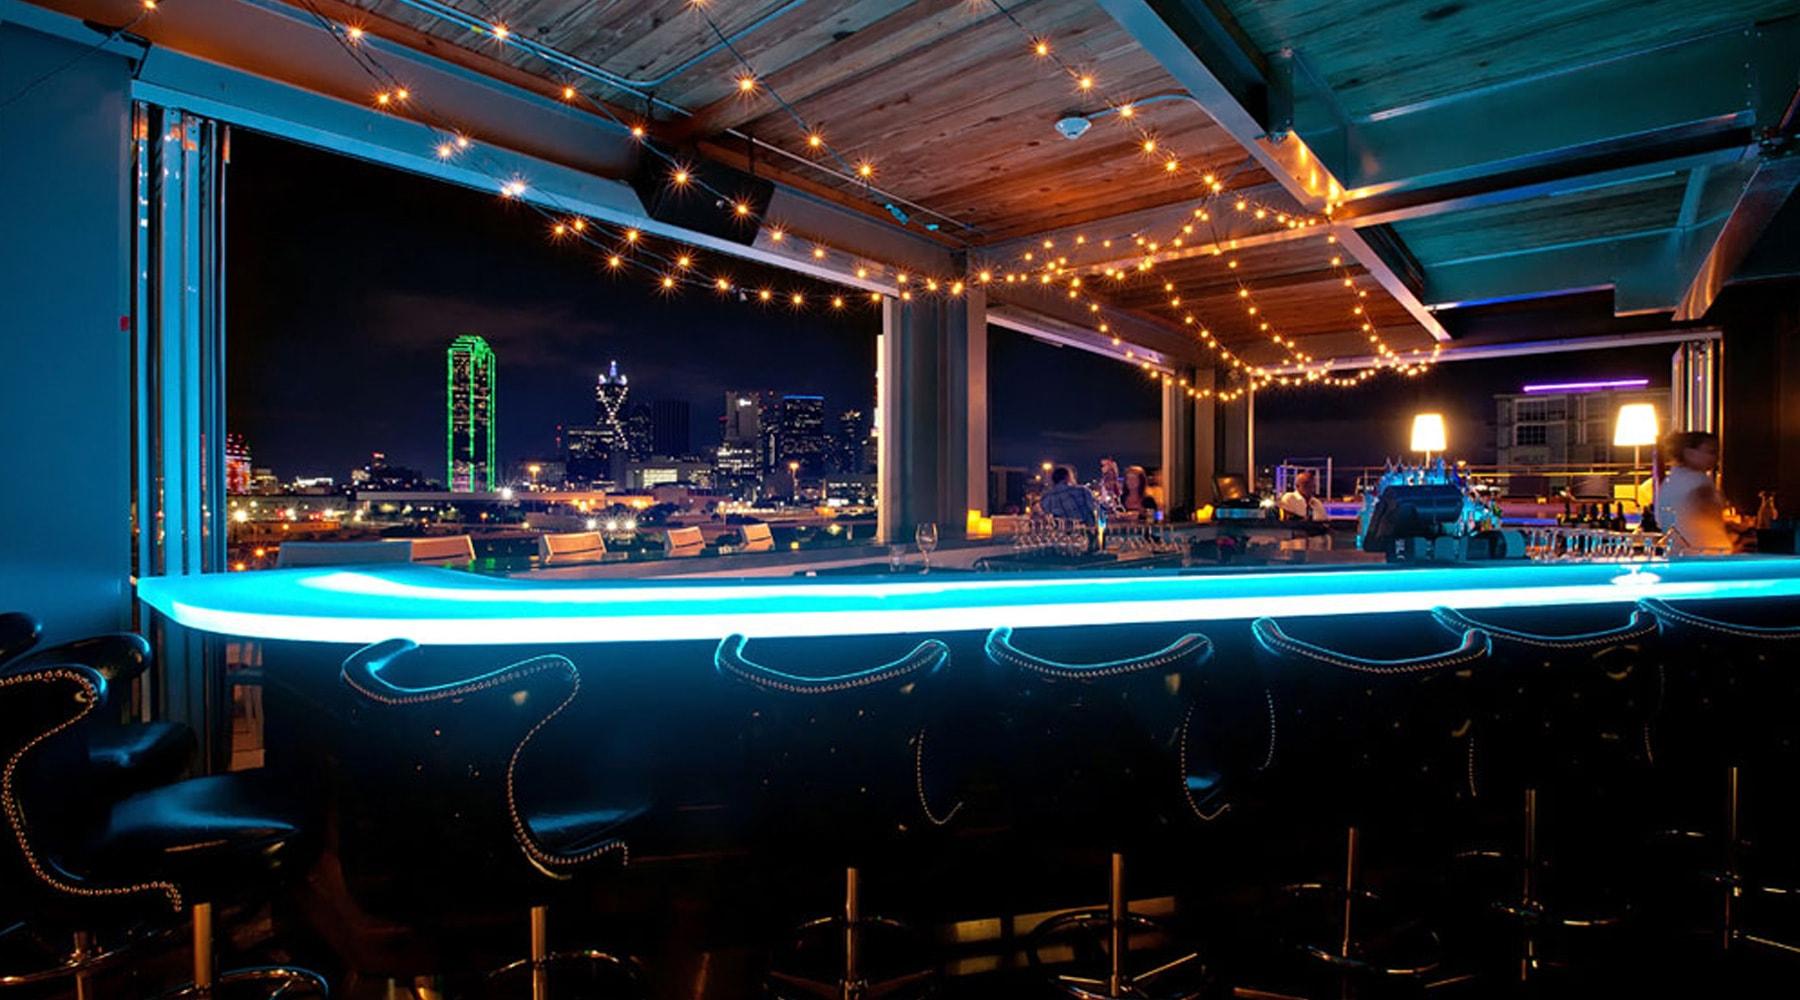 Dallas Hotel Photos Of Canvas Hotel Dallas